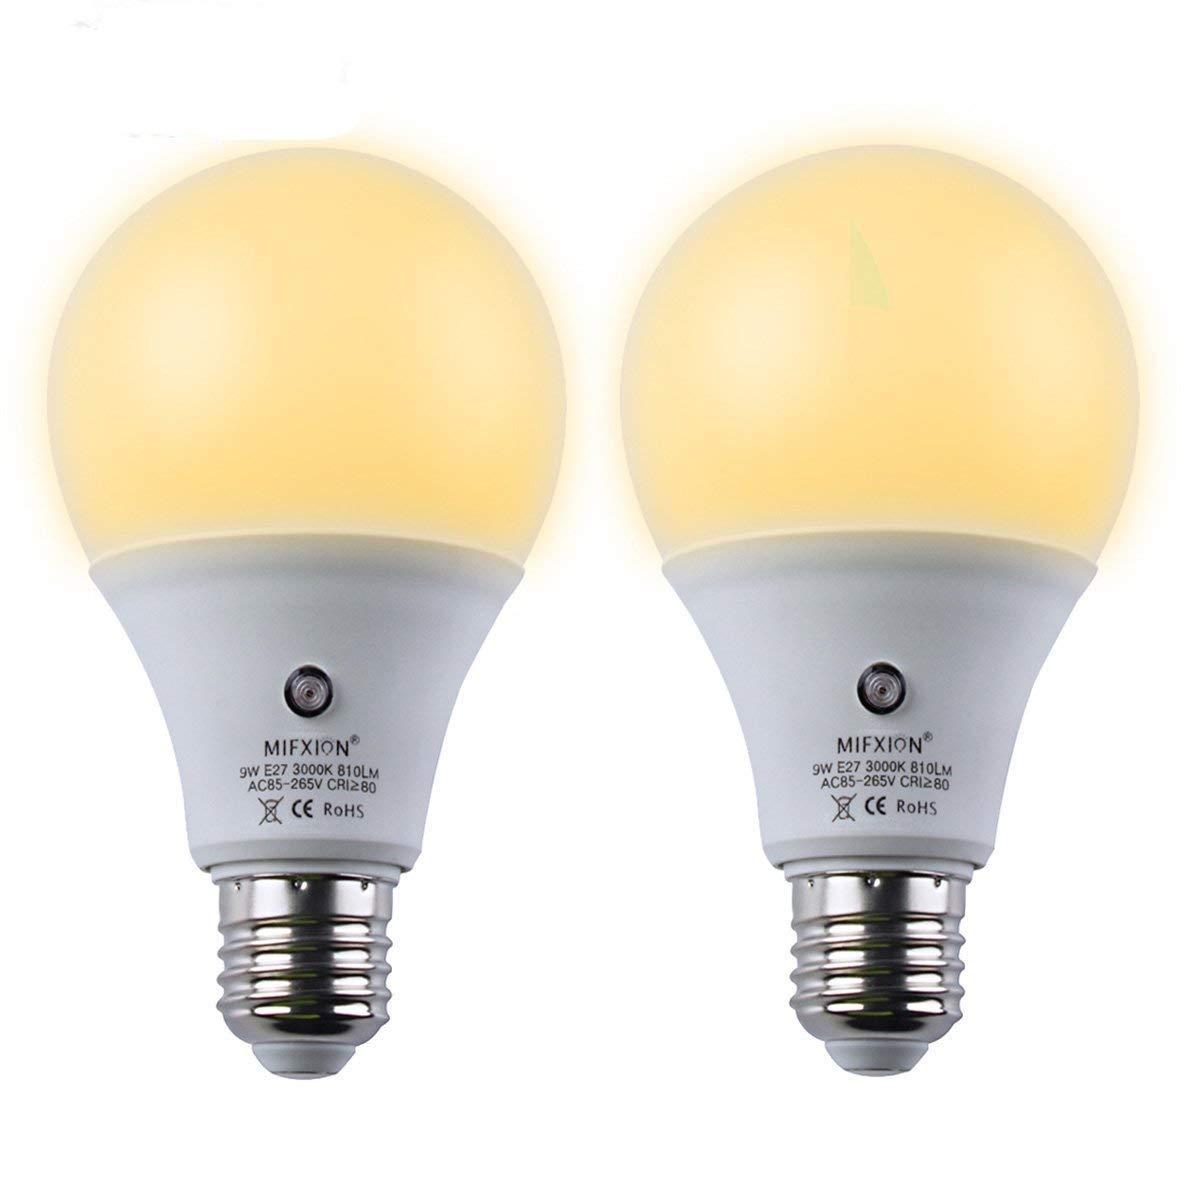 2Pcs E27 3000K LED Dusk to Dawn Sensor Light Bulbs